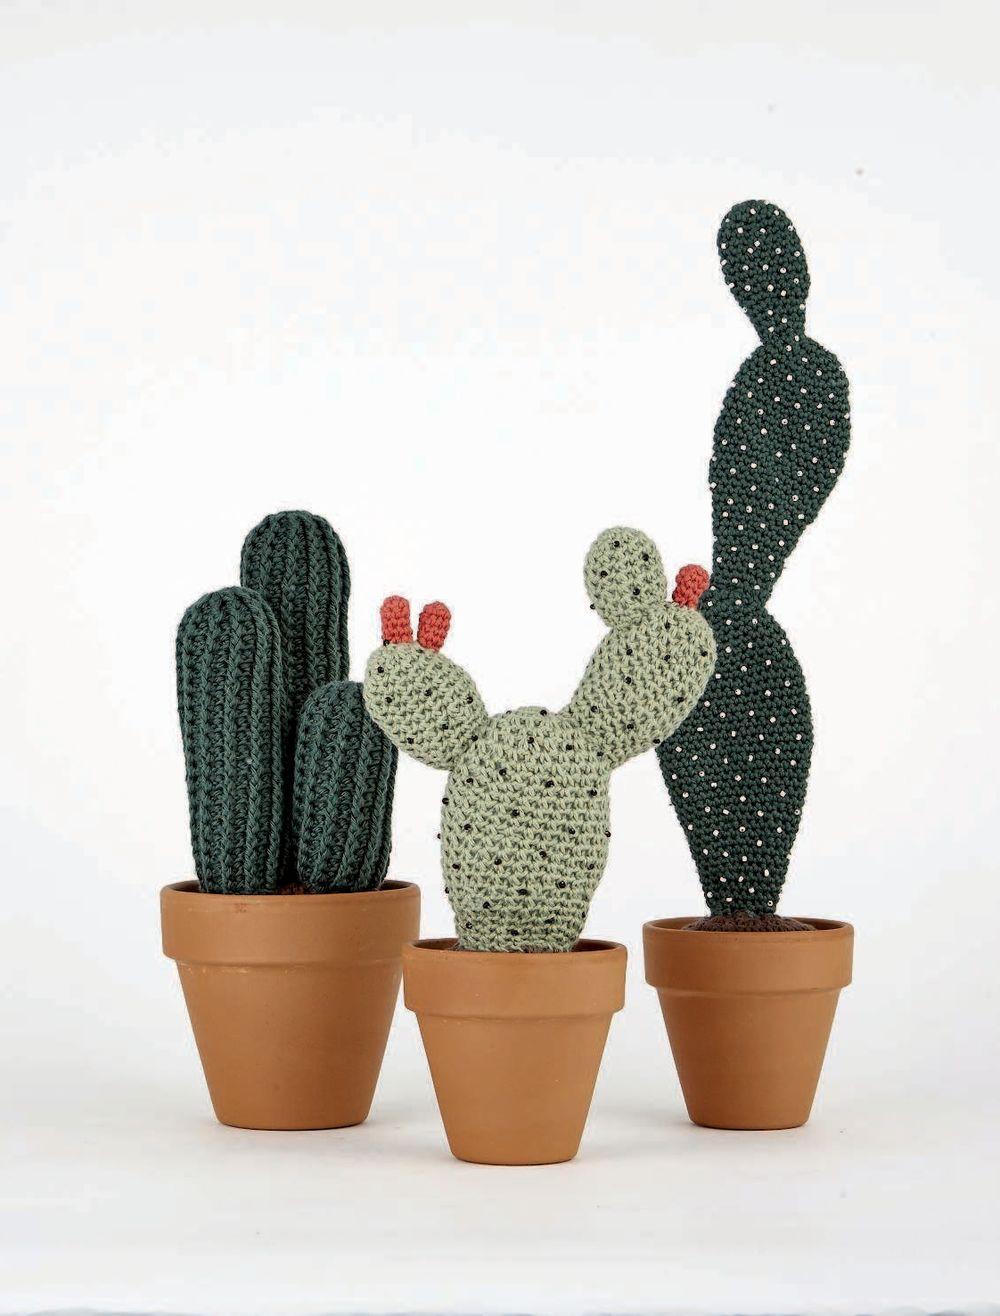 вязание в эко стиле кактусы и суккуленты 16 пушистых проектов для